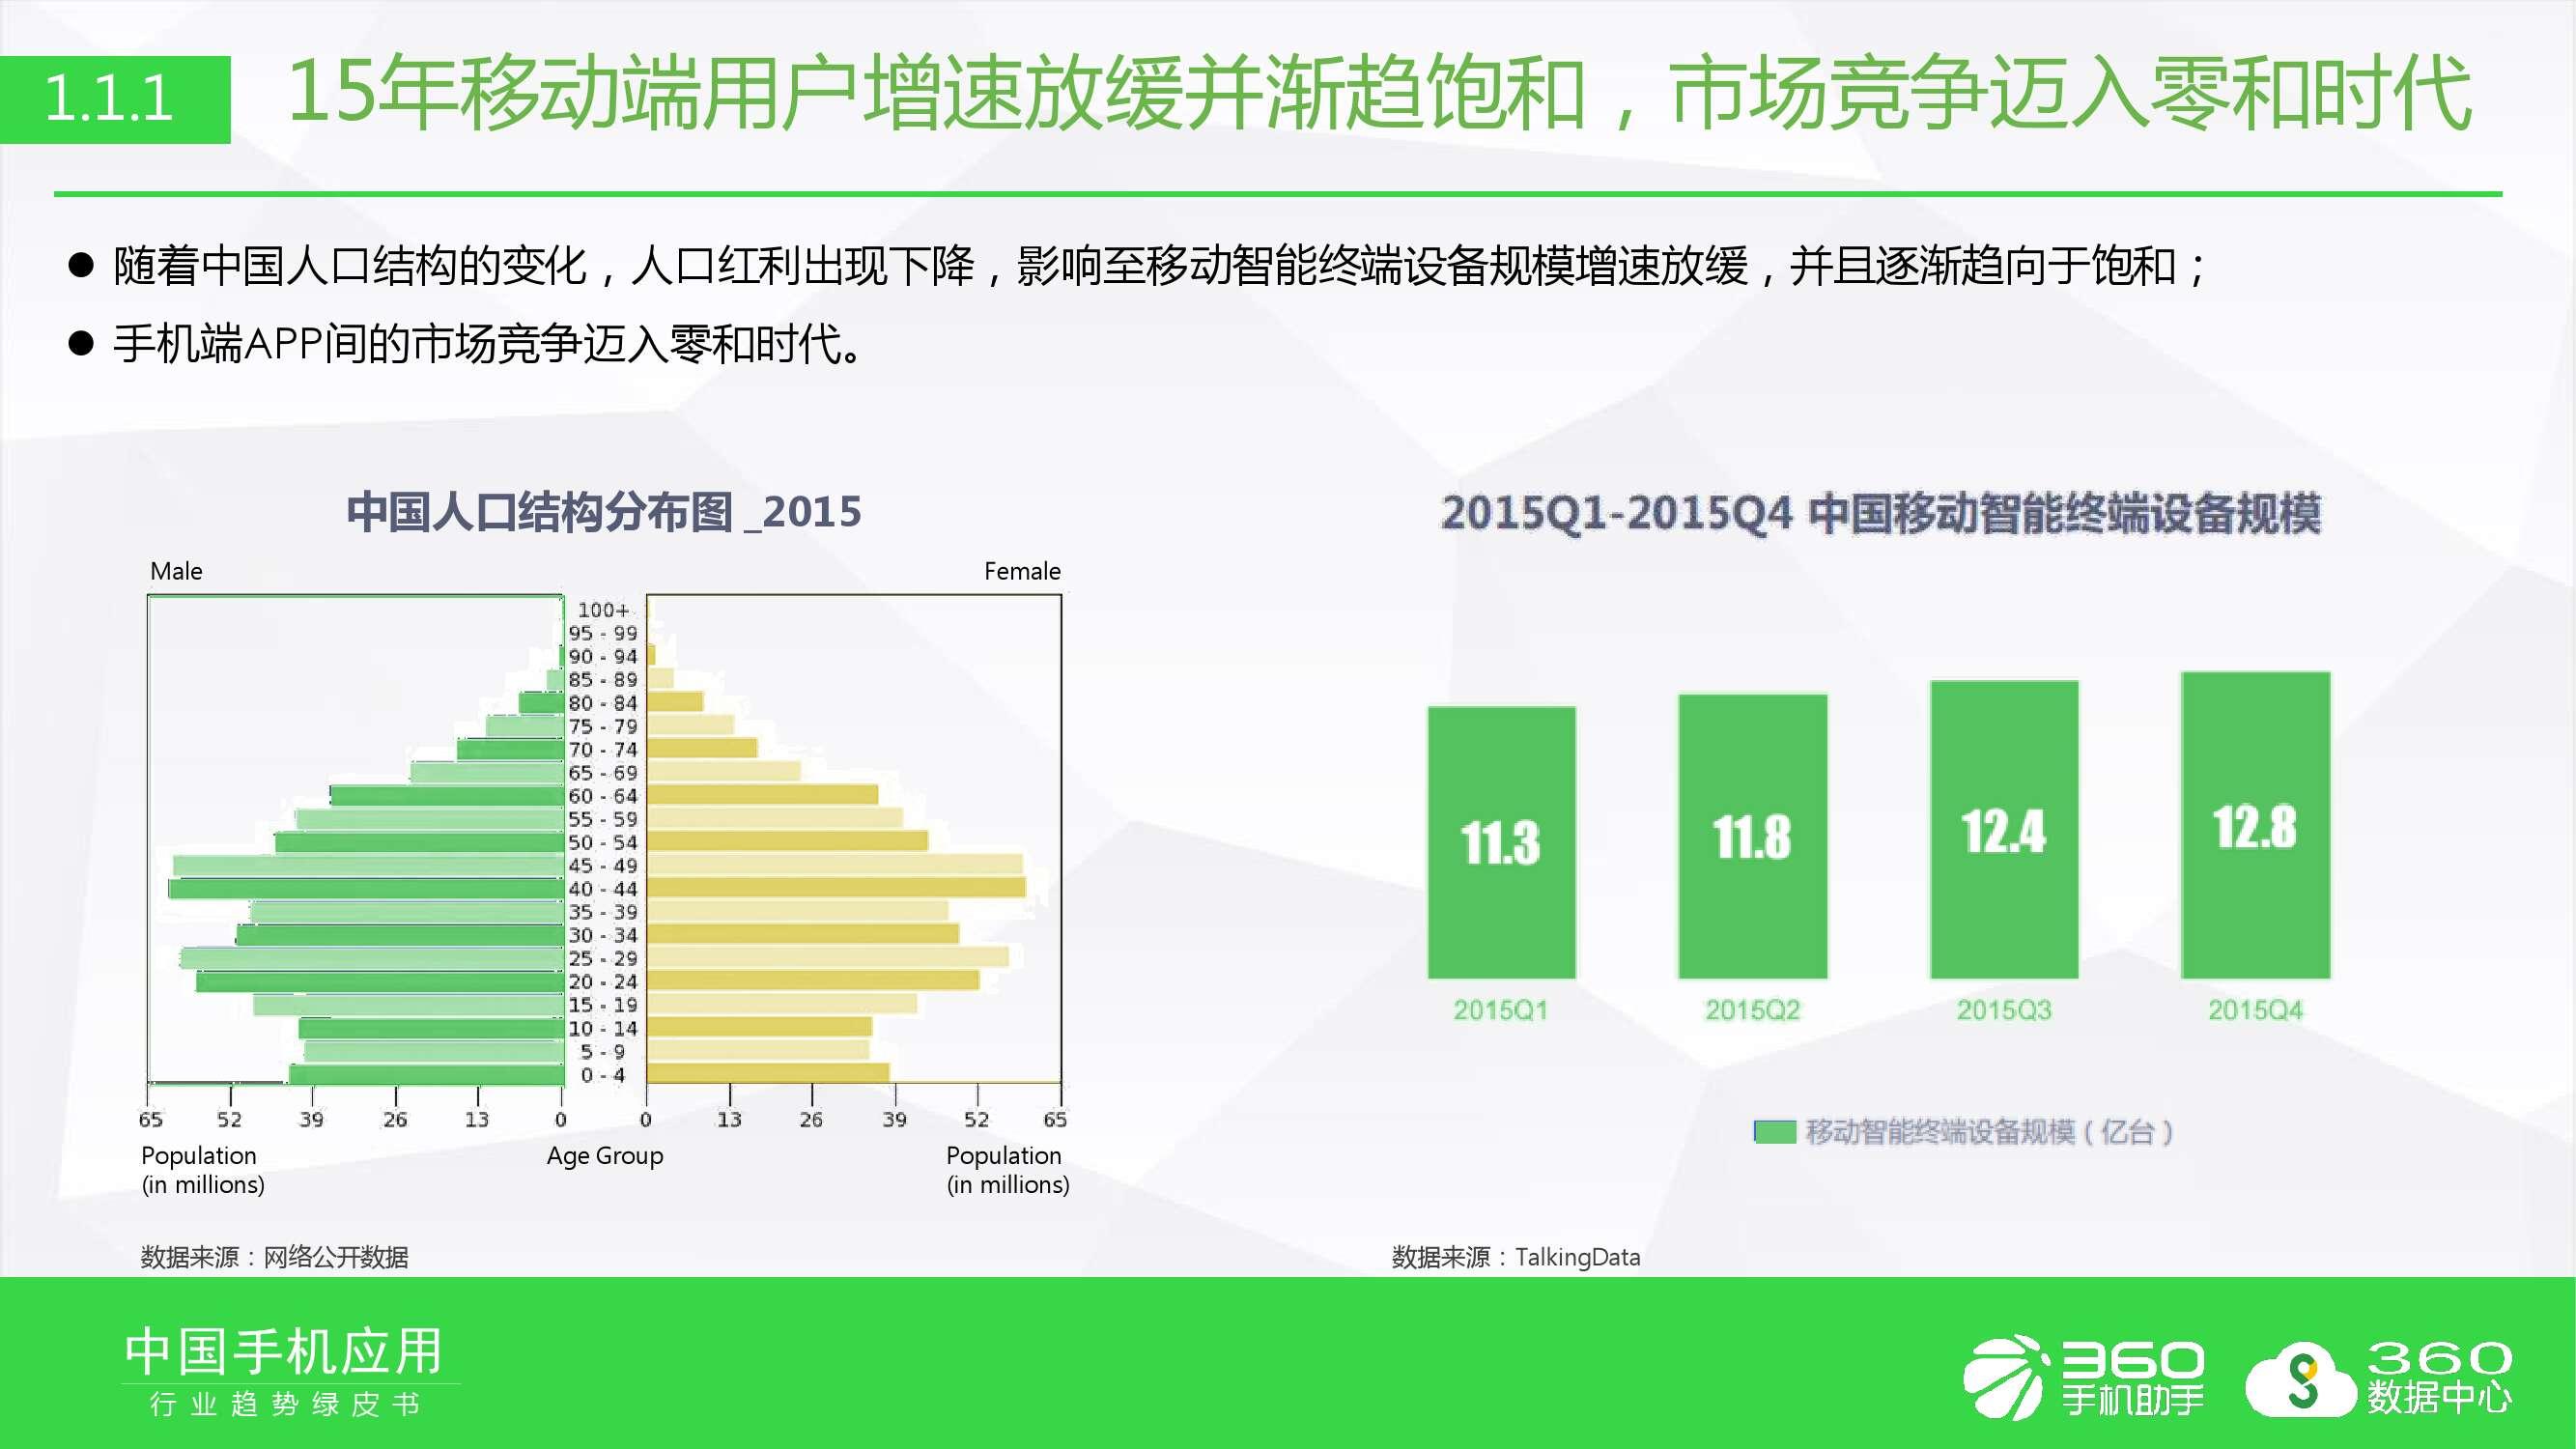 2016年手机软件行业趋势绿皮书_000005